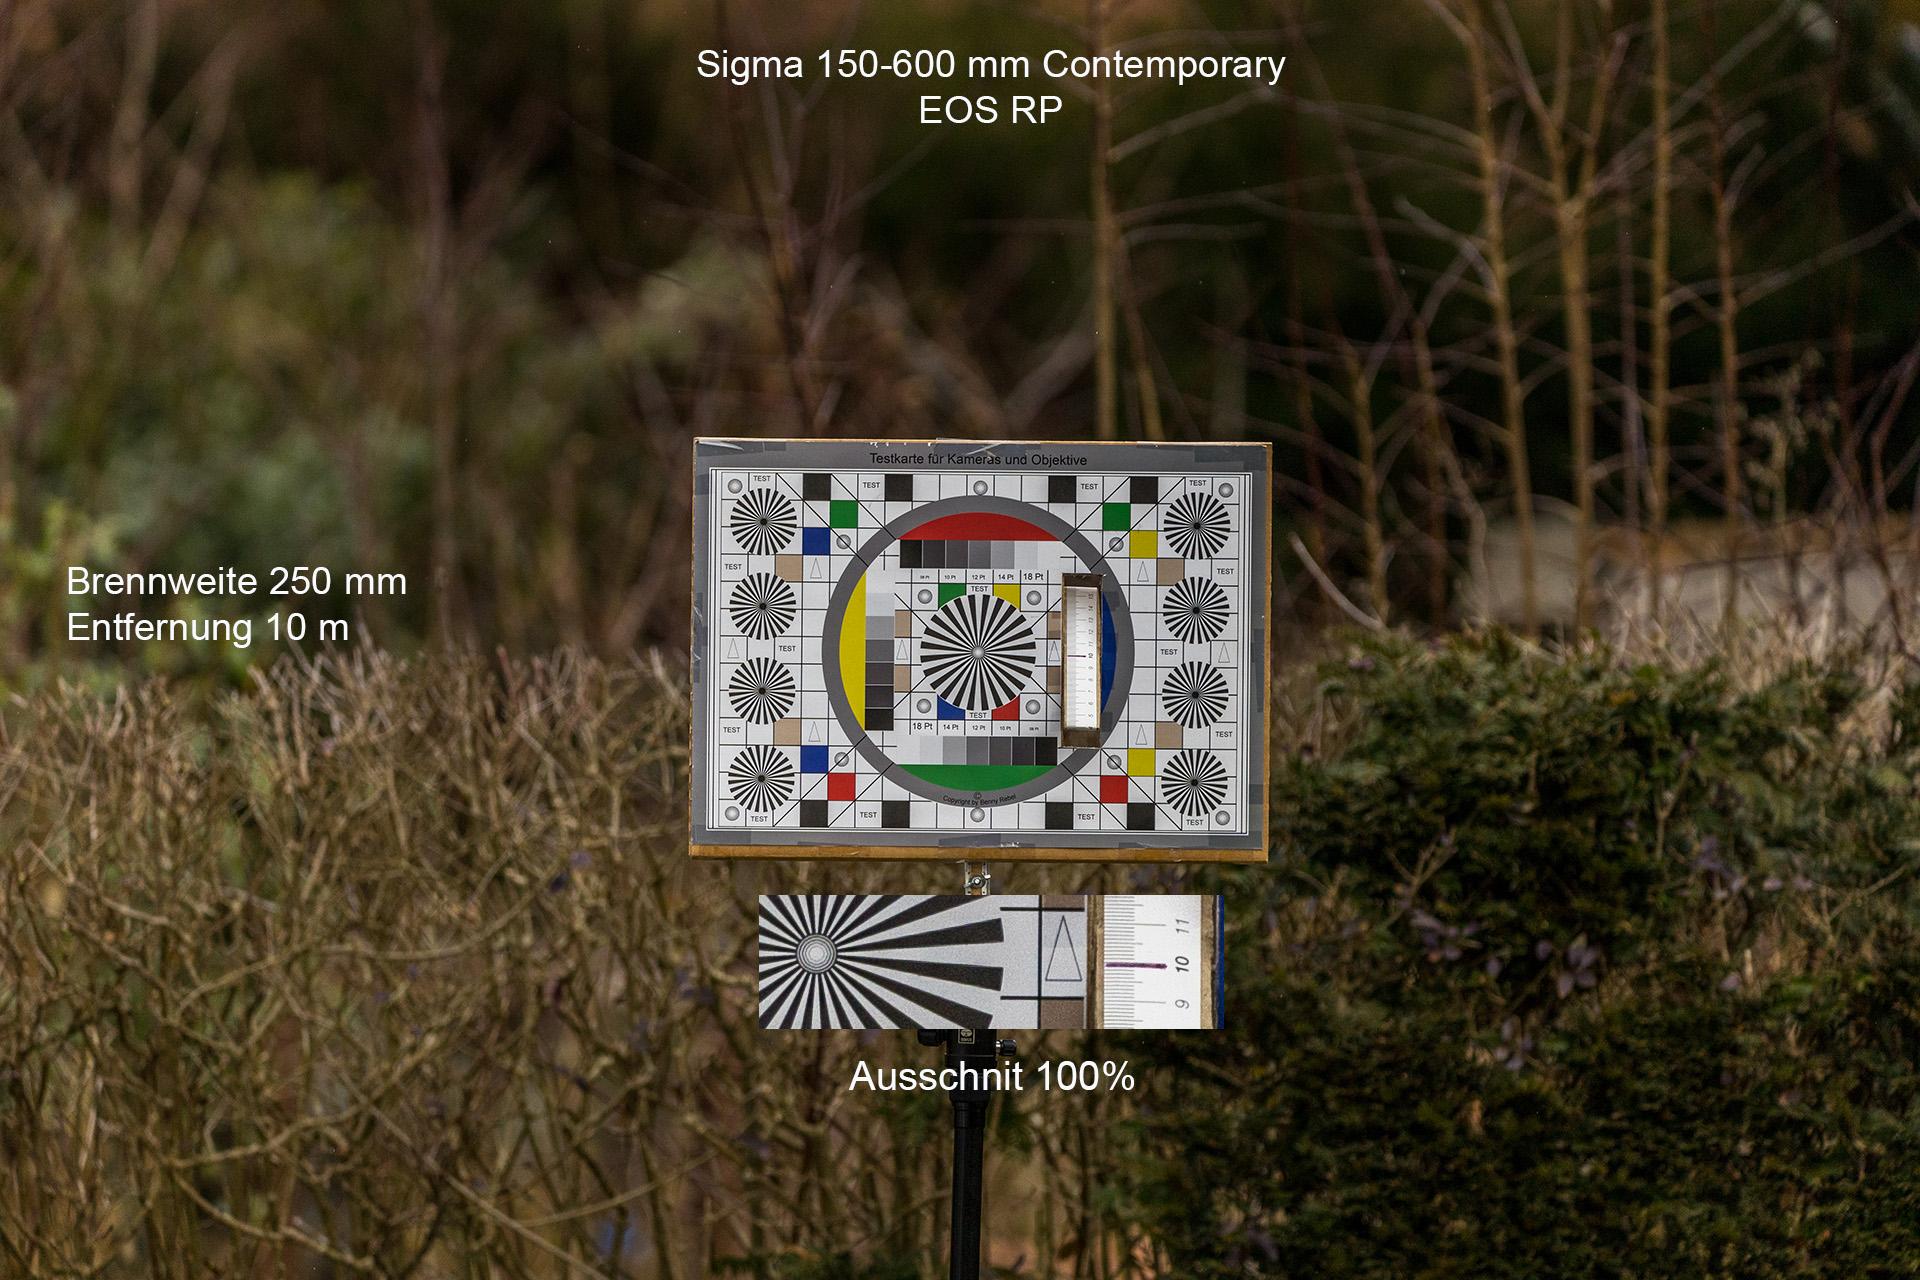 Testaufnahmen mit Sigma 150-600 mm, Canon EOS RP, 250 mm, 10 Meter